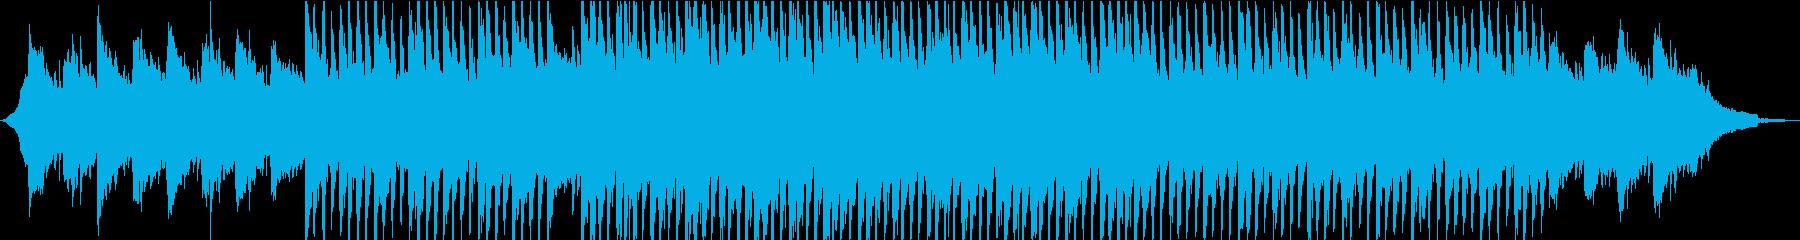 向上心・前向き【ゆったりコーポレート】③の再生済みの波形